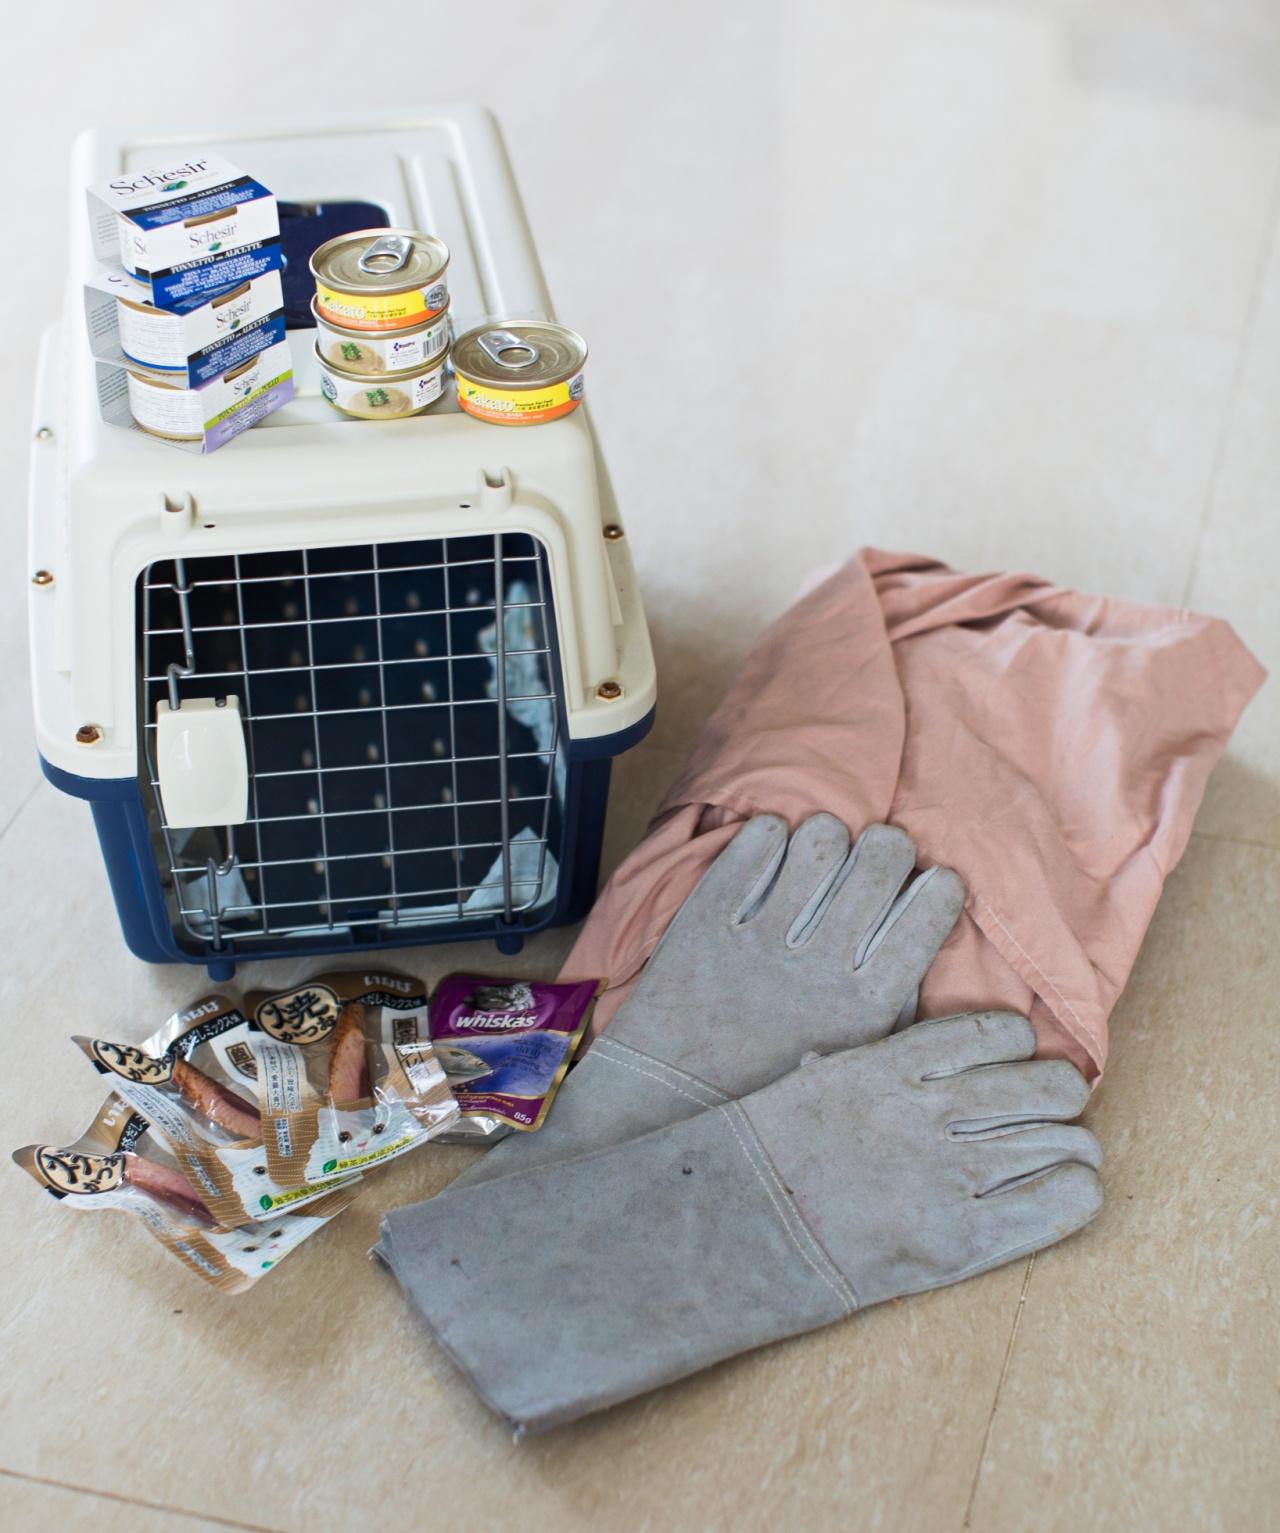 每次出動捉貓做絕育,Jane都以帶備以上工具,但也不等如一定順利捉得到貓。(李澤彤攝)